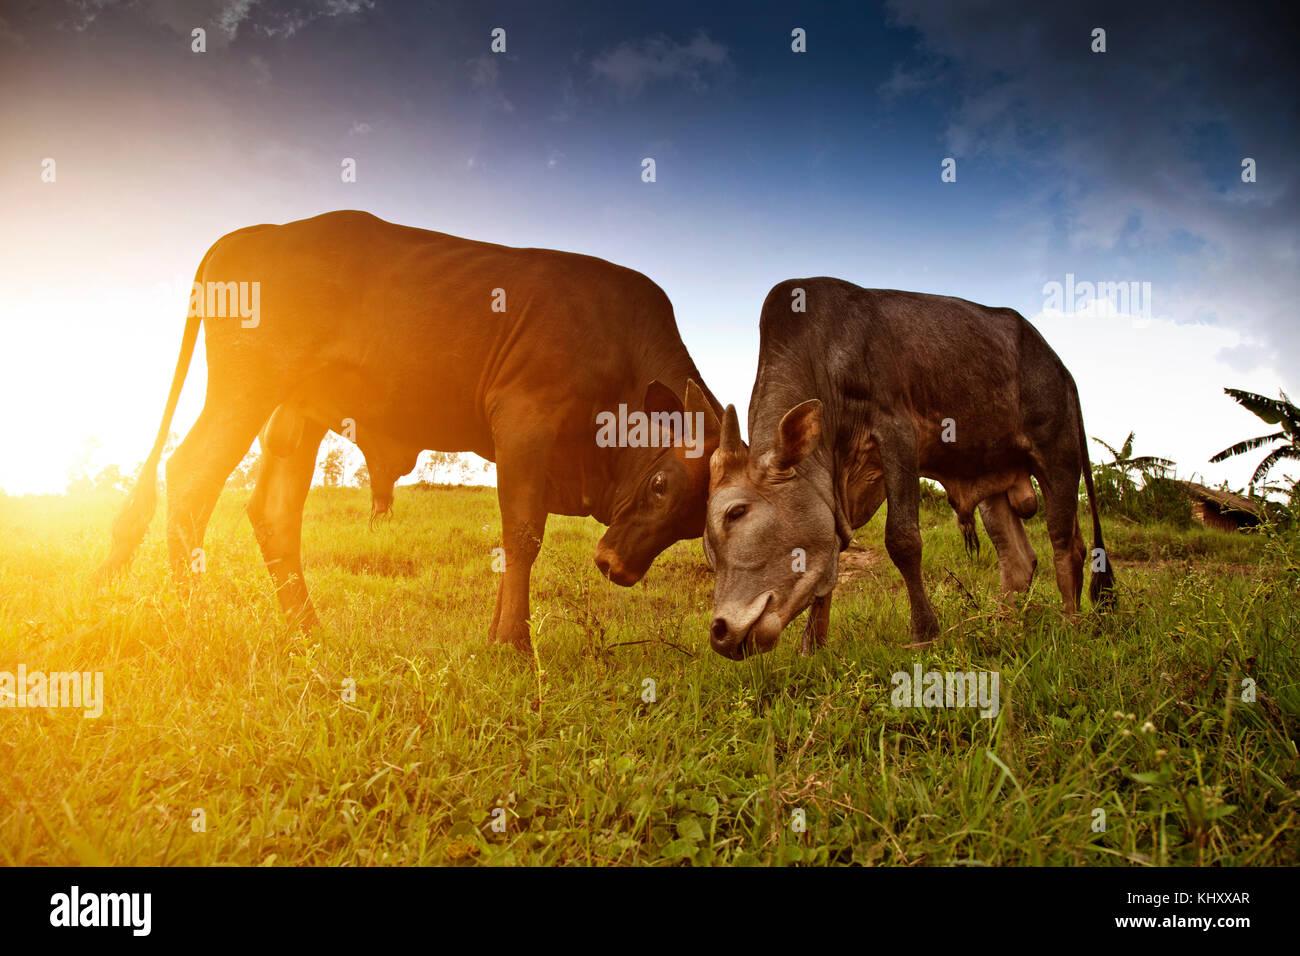 Two cows grazing in field, Birayi, Bujumbura, Burundi, Africa - Stock Image